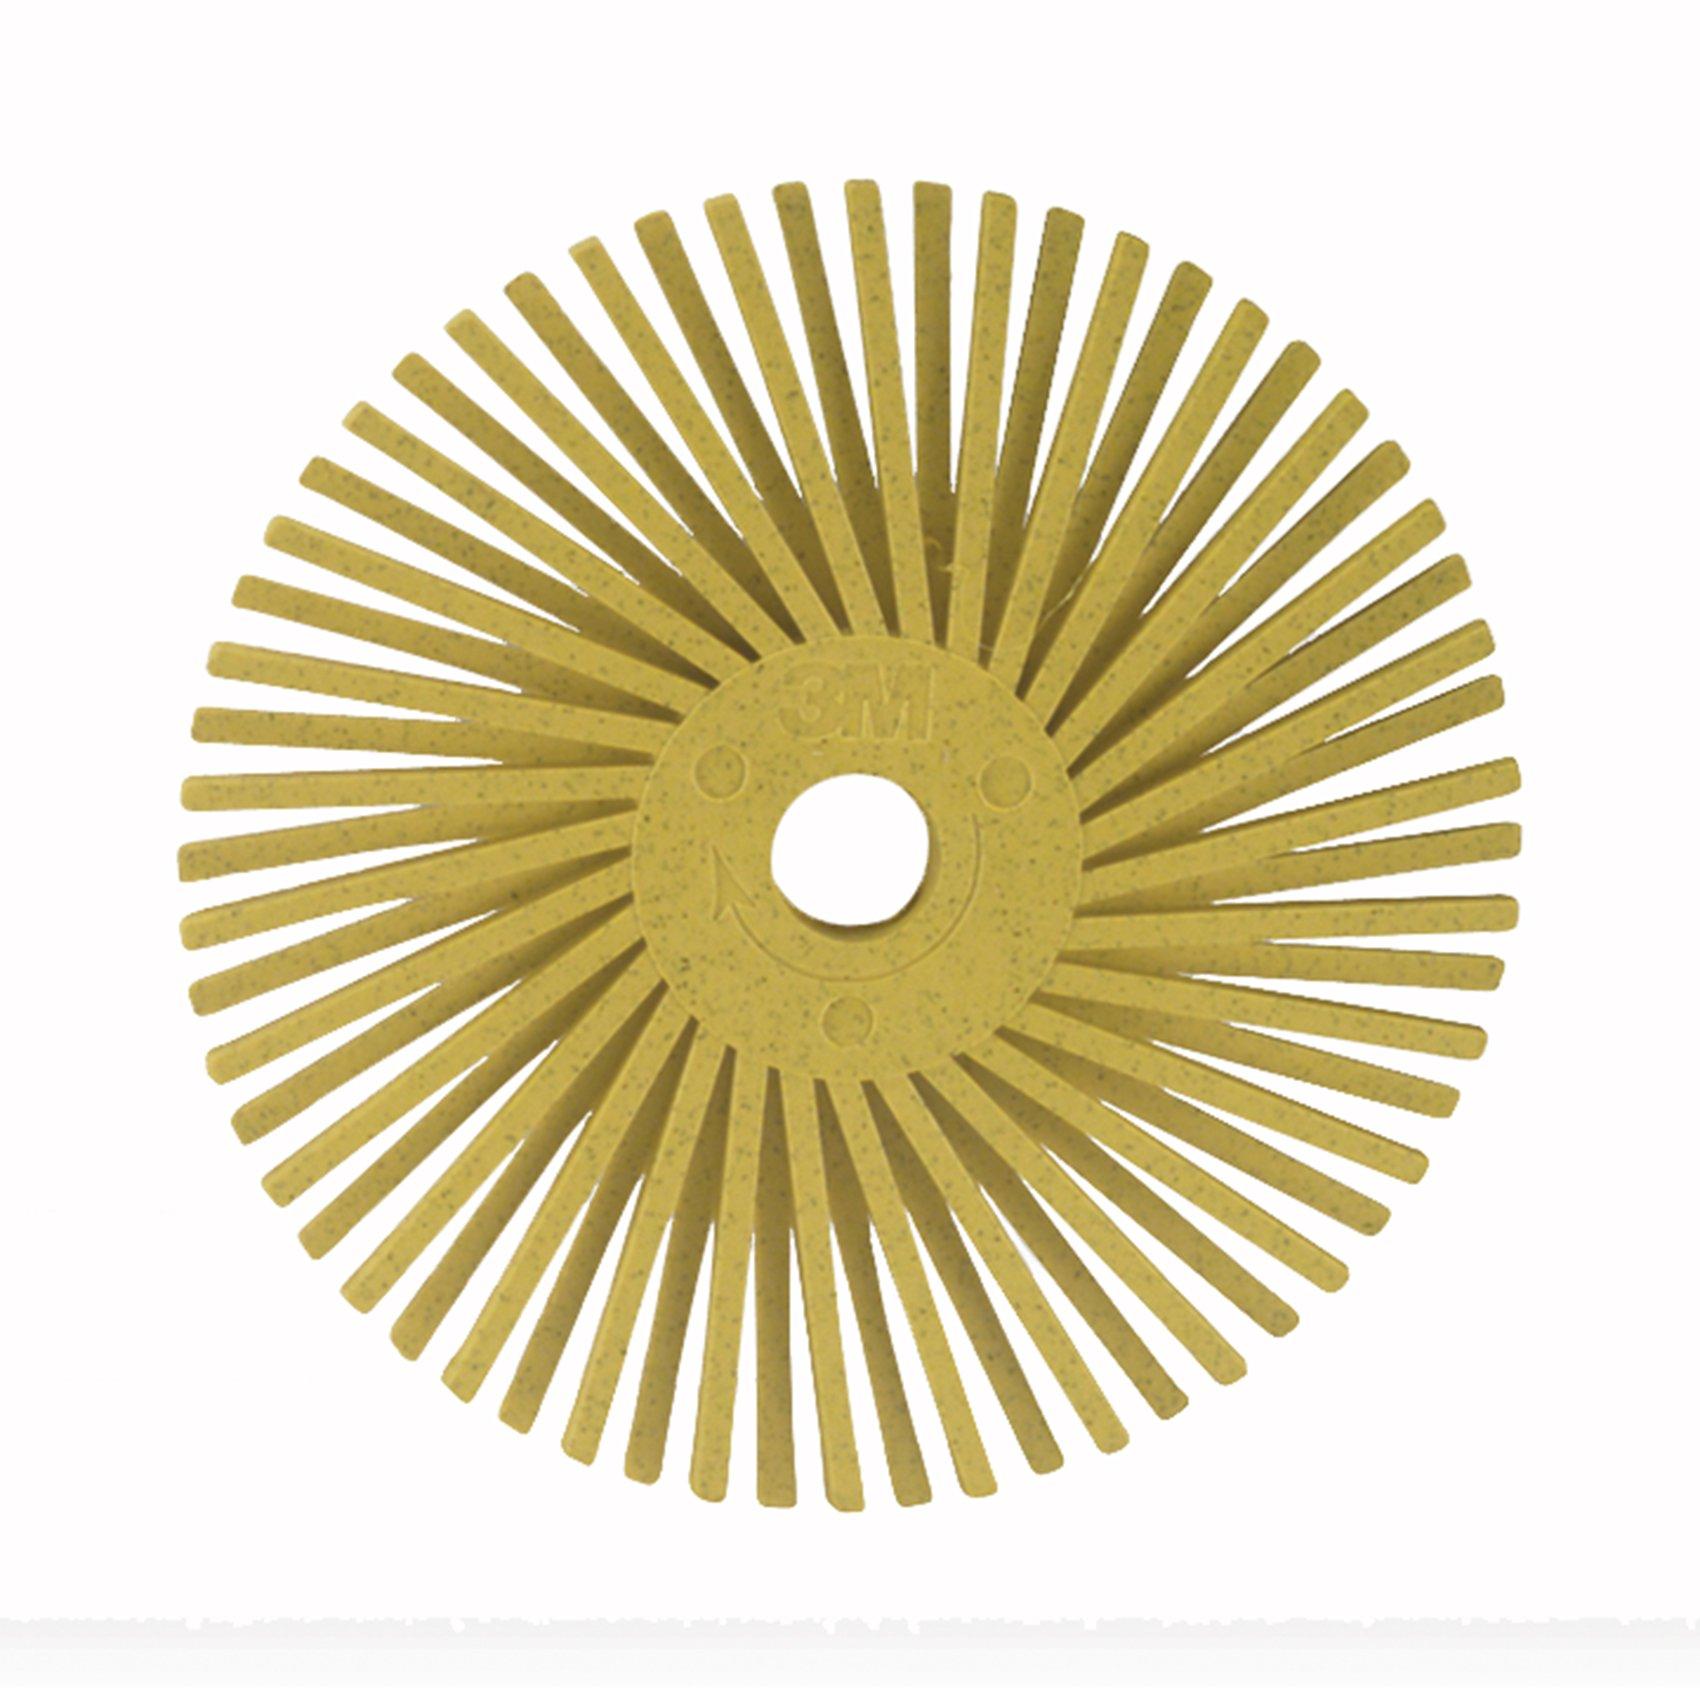 Scotch-Brite(TM) Radial Bristle Disc, Ceramic, 20000 rpm, 3 Diameter, 80 Grit, Yellow (Pack of 10)